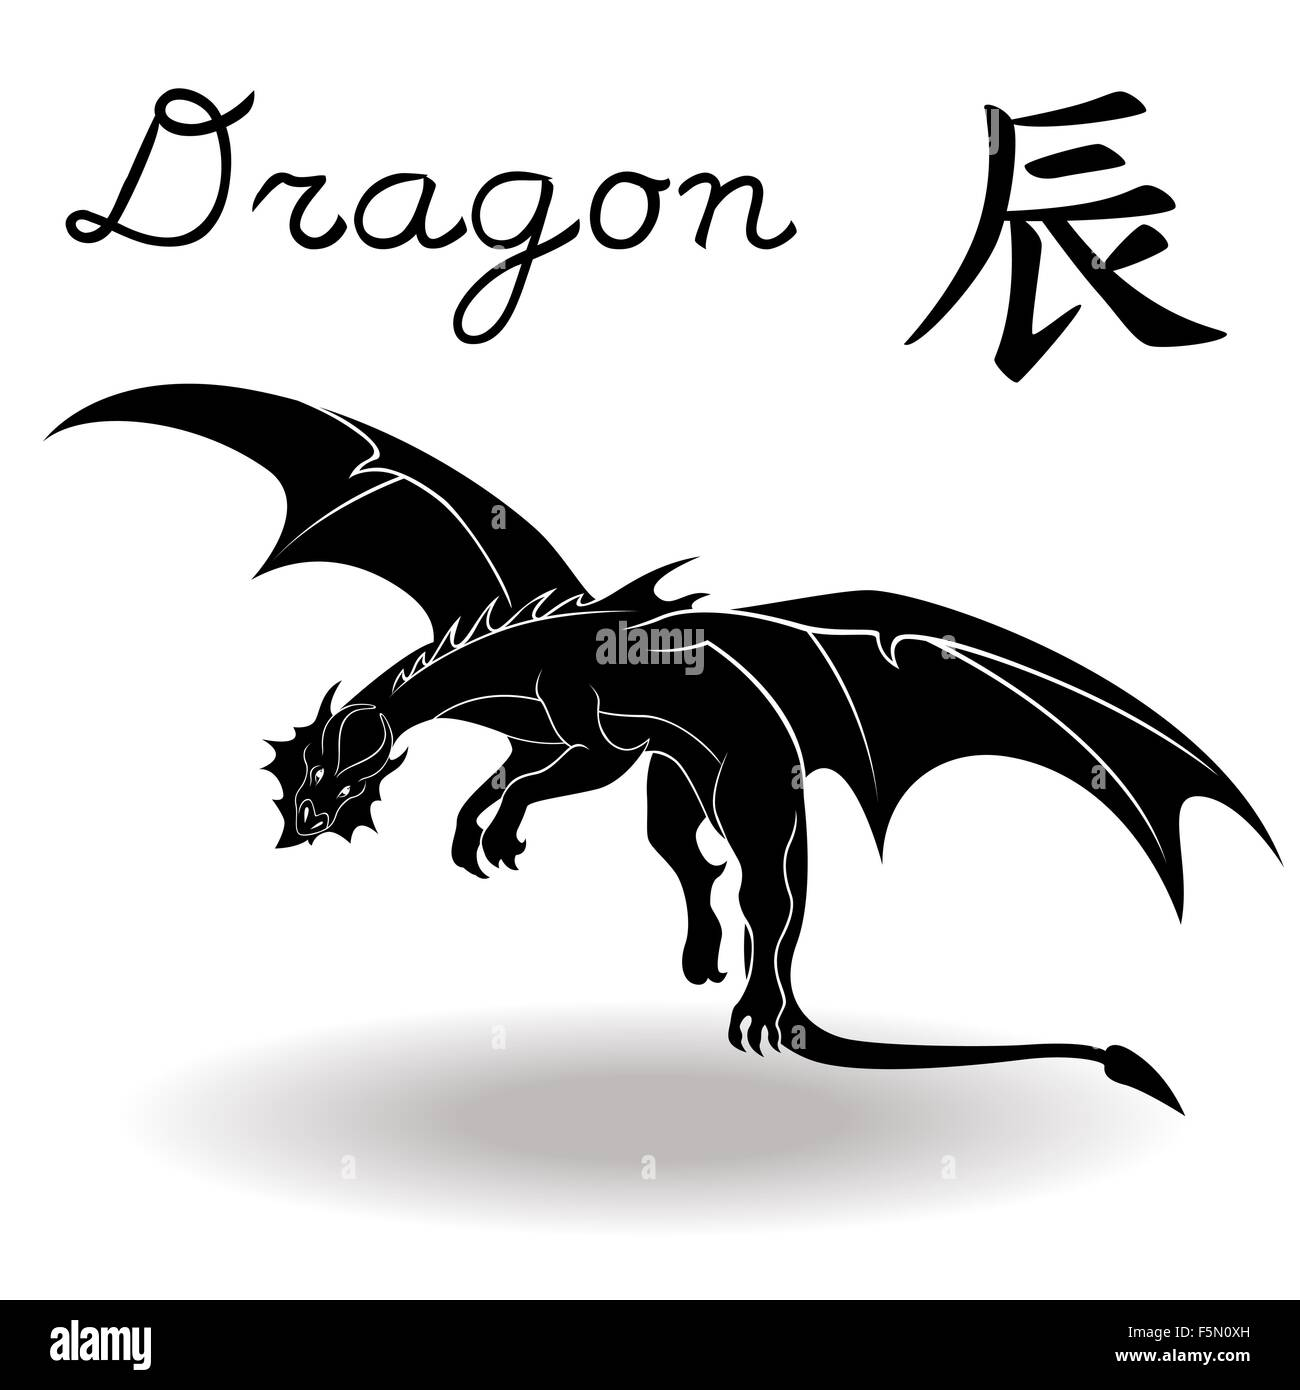 Calendario Cinese Segno Zodiacale.Il Cinese Segno Zodiacale Drago Elemento Fisso Della Terra